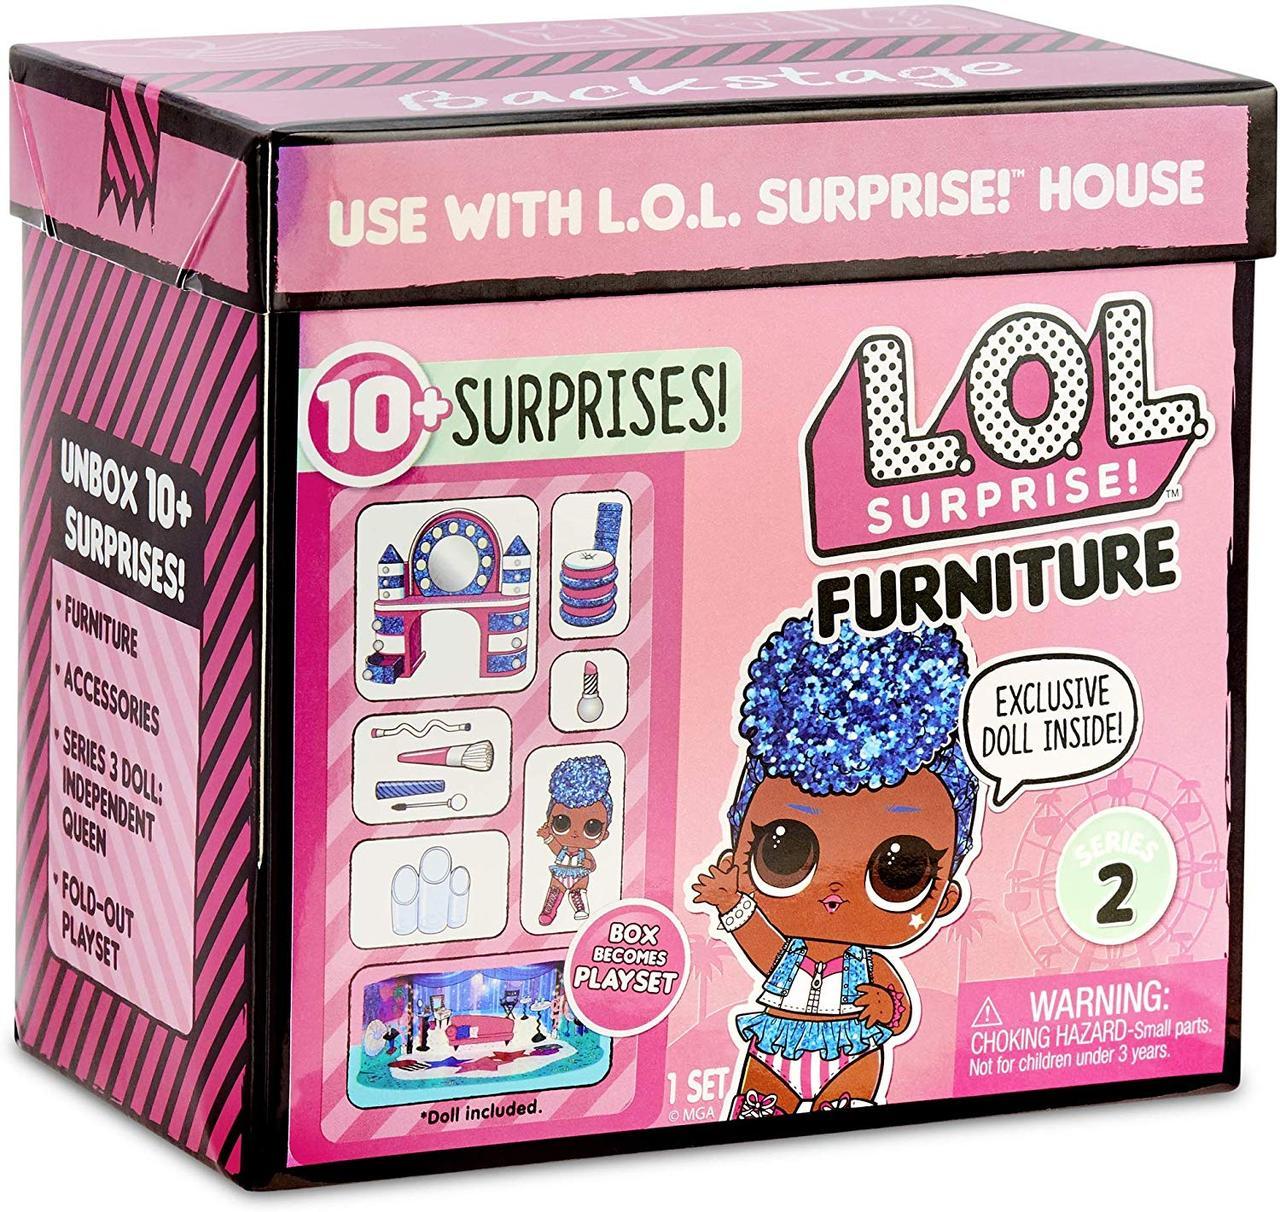 Оригинал. Новинка! Игровой набор с куклой L.O.L. SURPRISE! - Стильный Интерьер Леди-Независимость